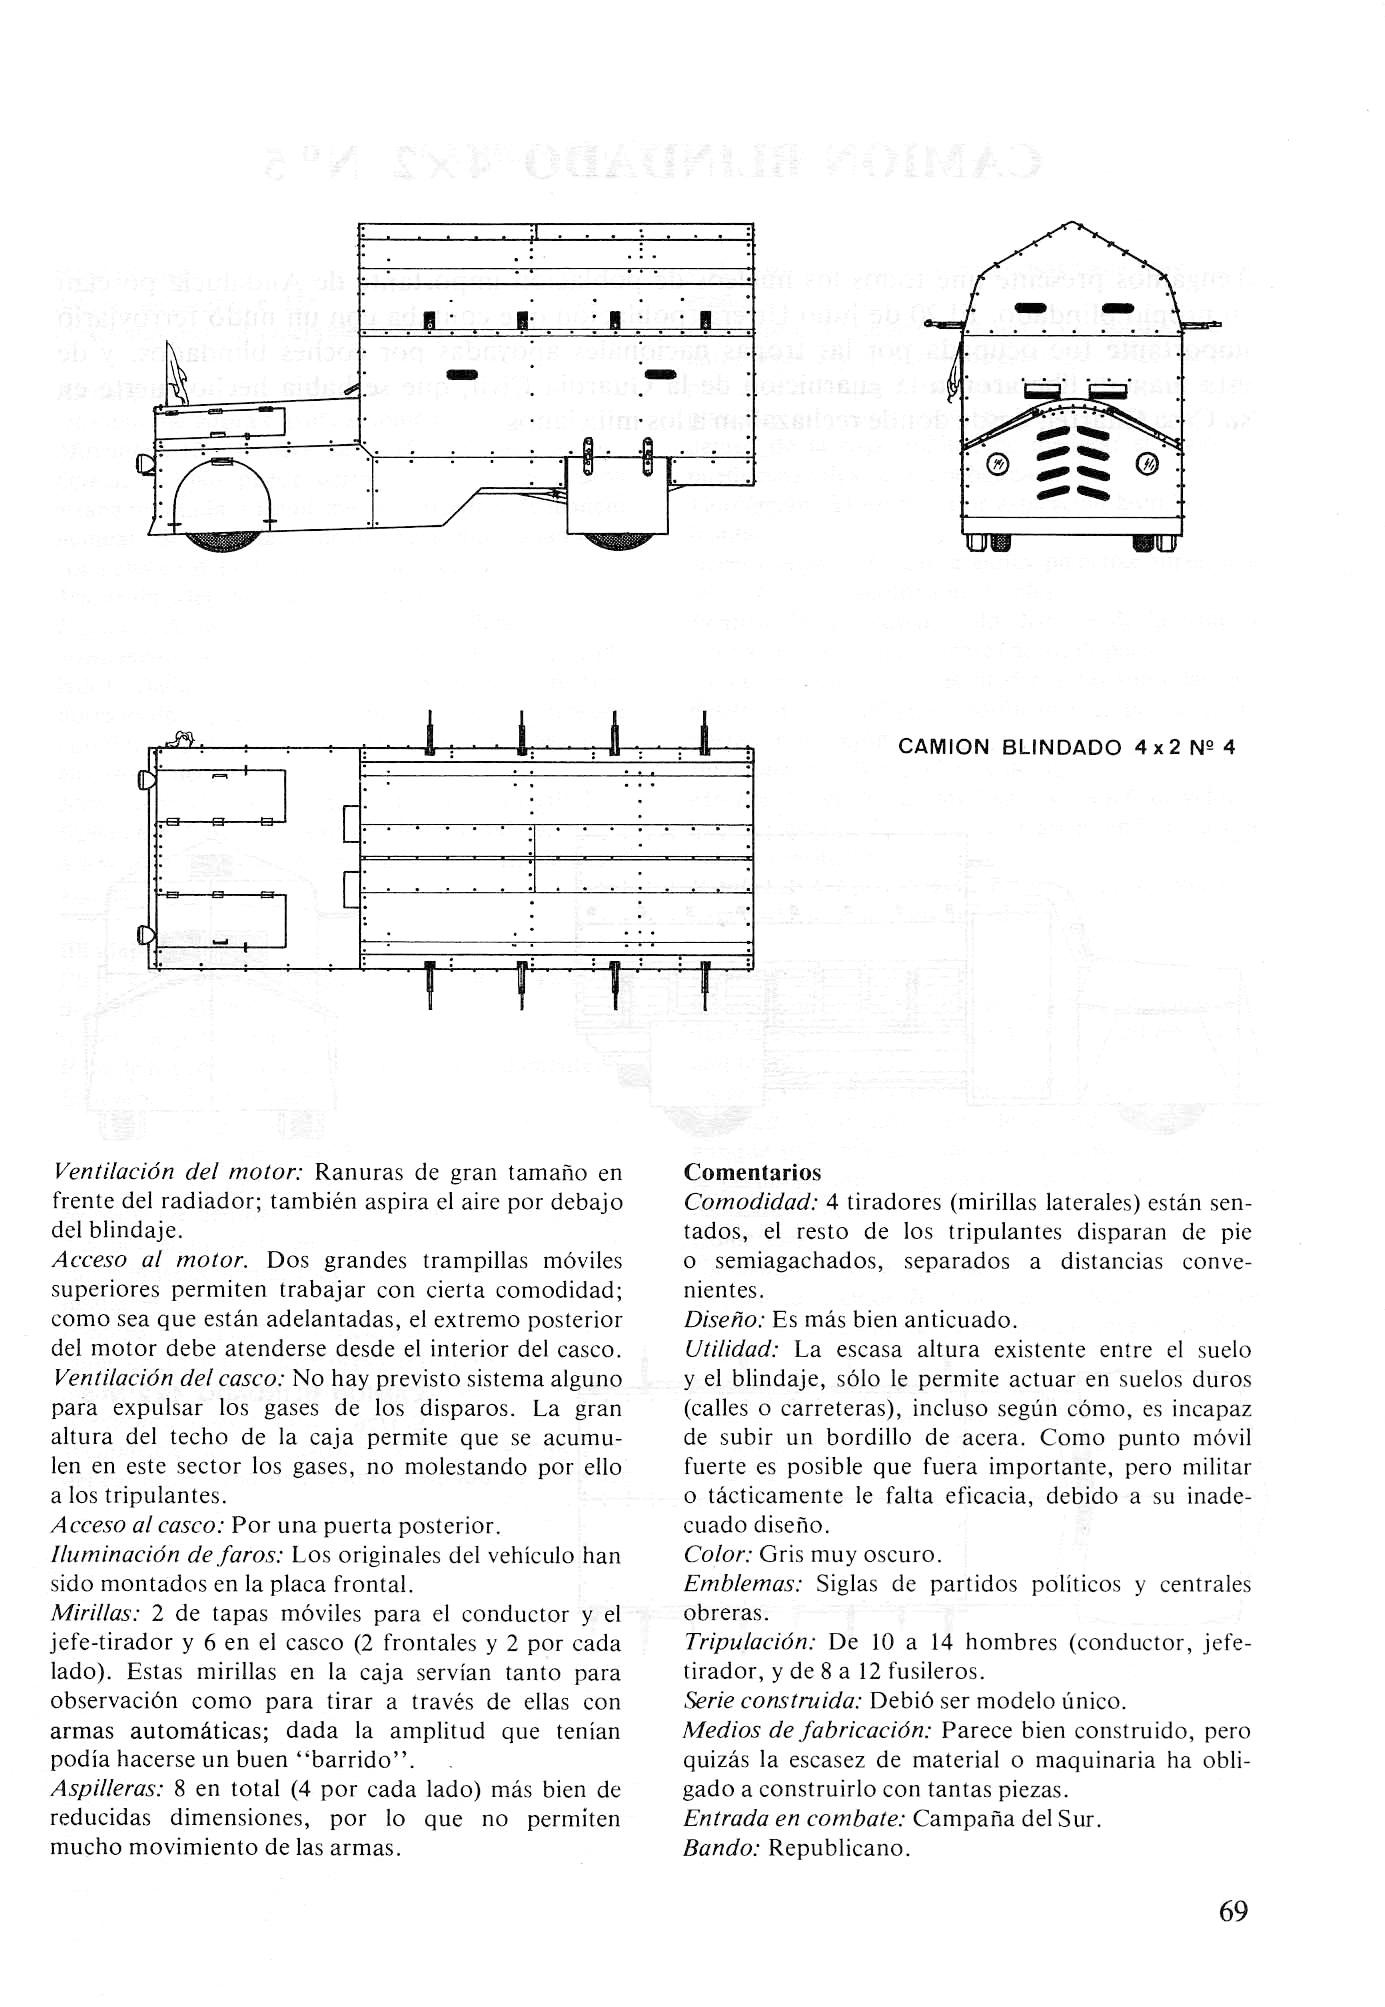 Carros De Combate Y Vehiculos Blindados De La Guerra 1936 1939 [F.C.Albert 1980]_Страница_067.jpg